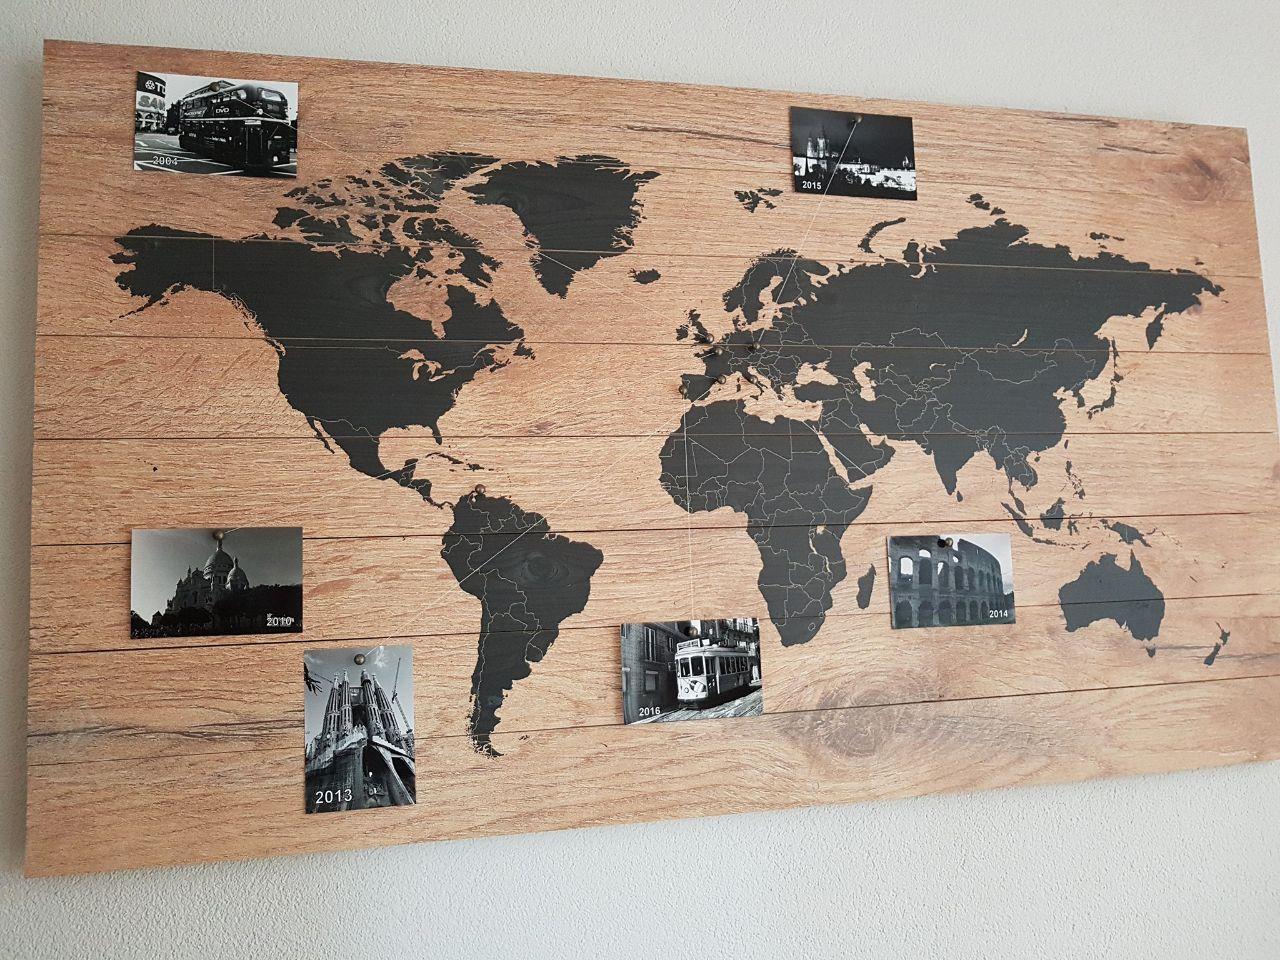 Super Wereldkaart op Hout Memories Kopen? Nu 100 Gratis Pins of Vlaggetjes RL-59